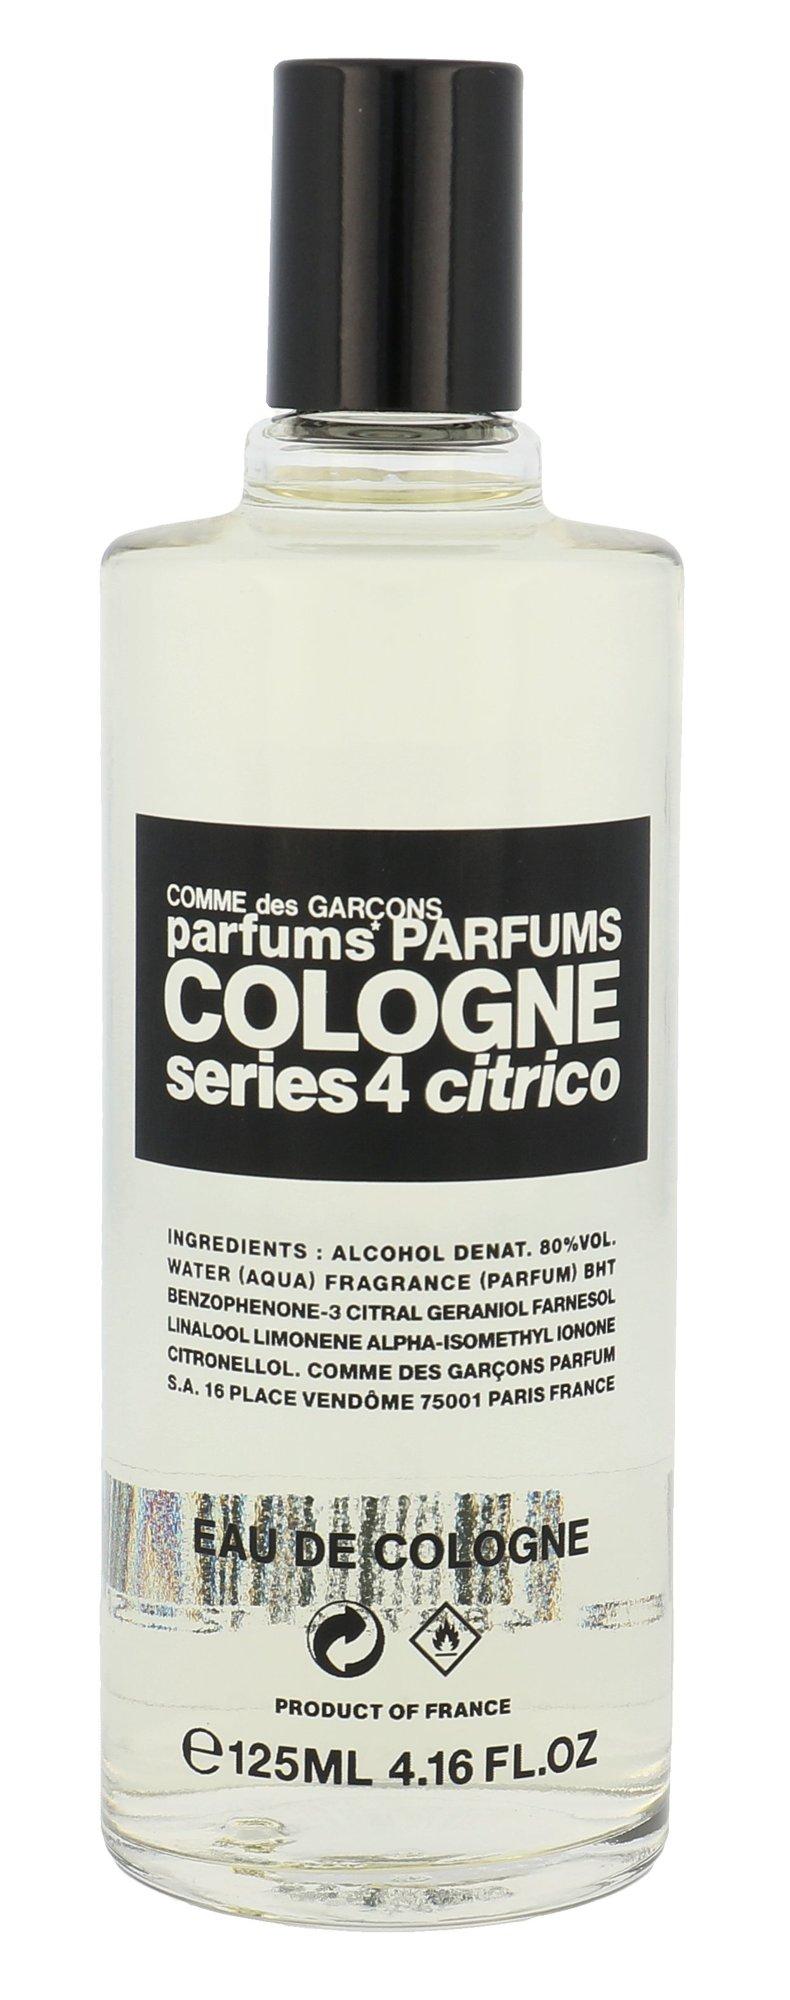 COMME des GARCONS Series 4 Cologne Cologne 125ml  Citrico